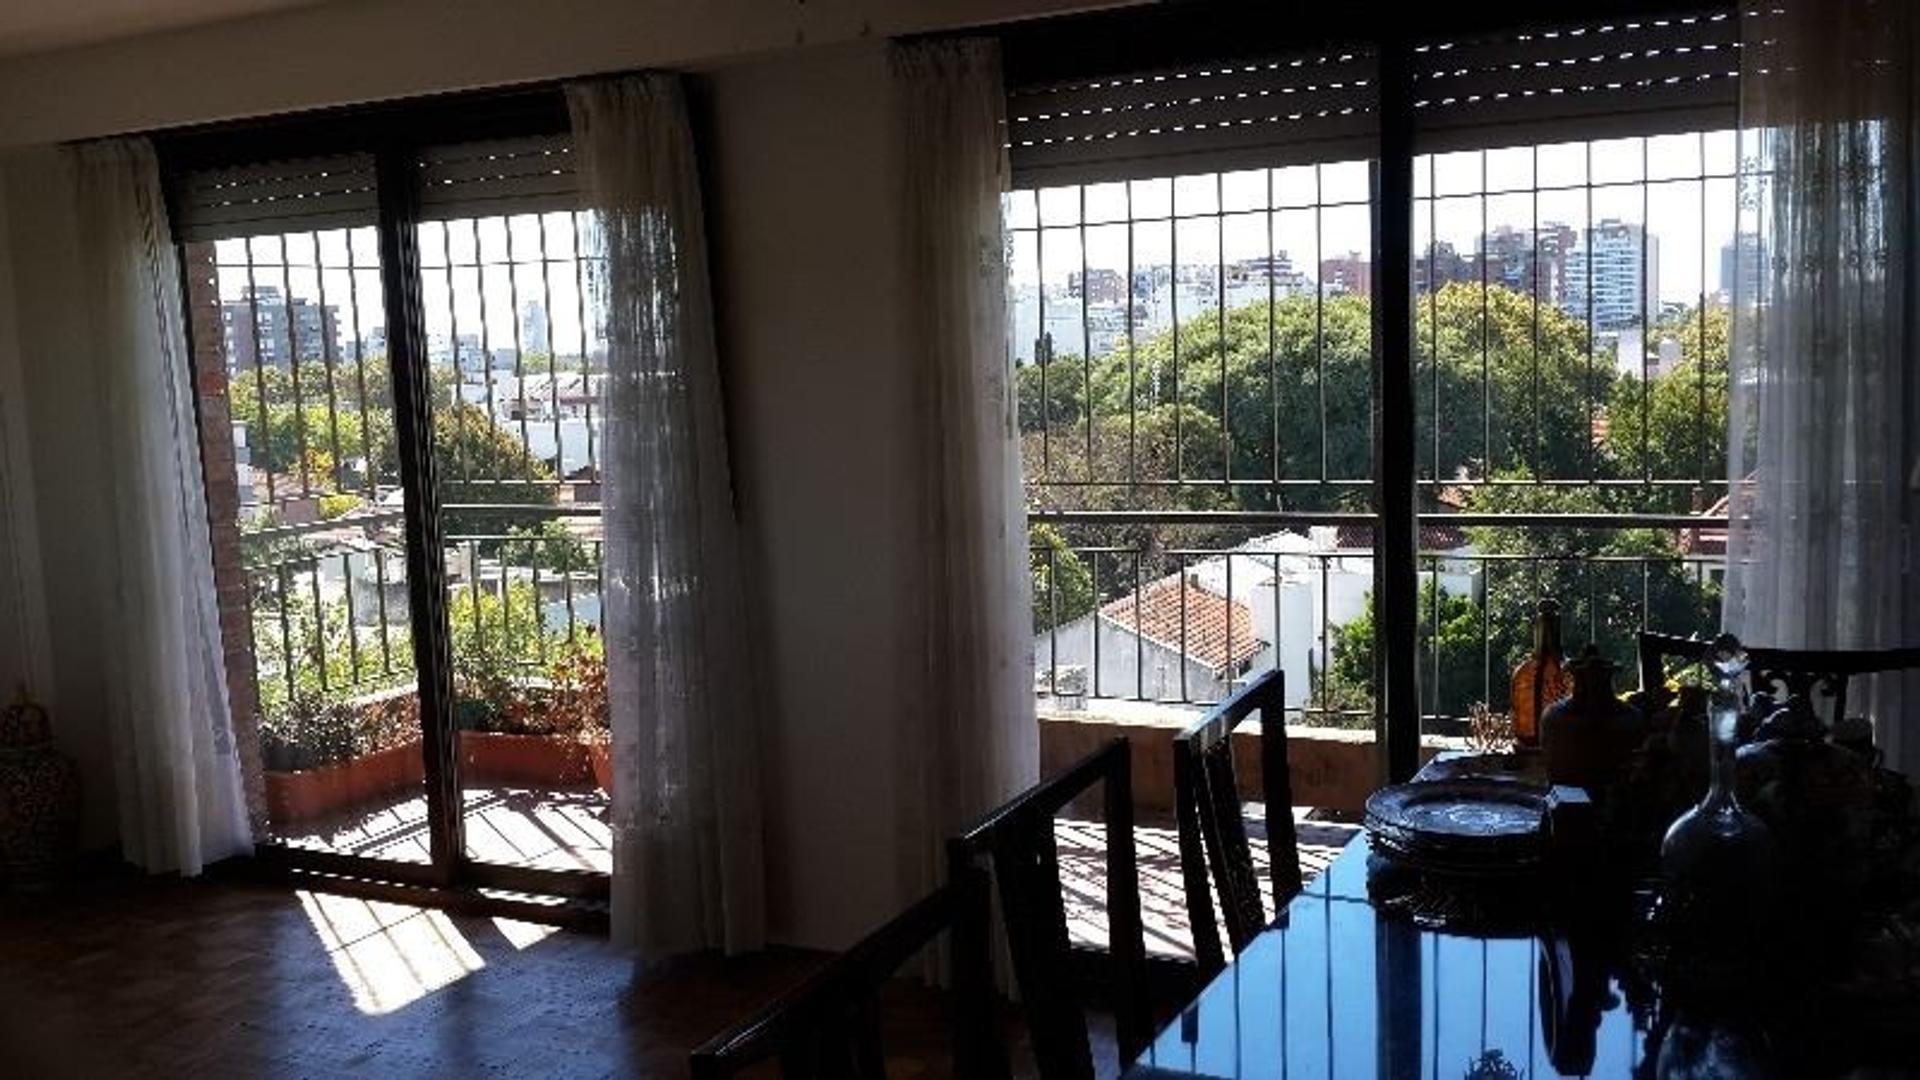 Piso al frente, 3 dormitorios c/cochera y baulera, 1 c/Maipù a Vías.